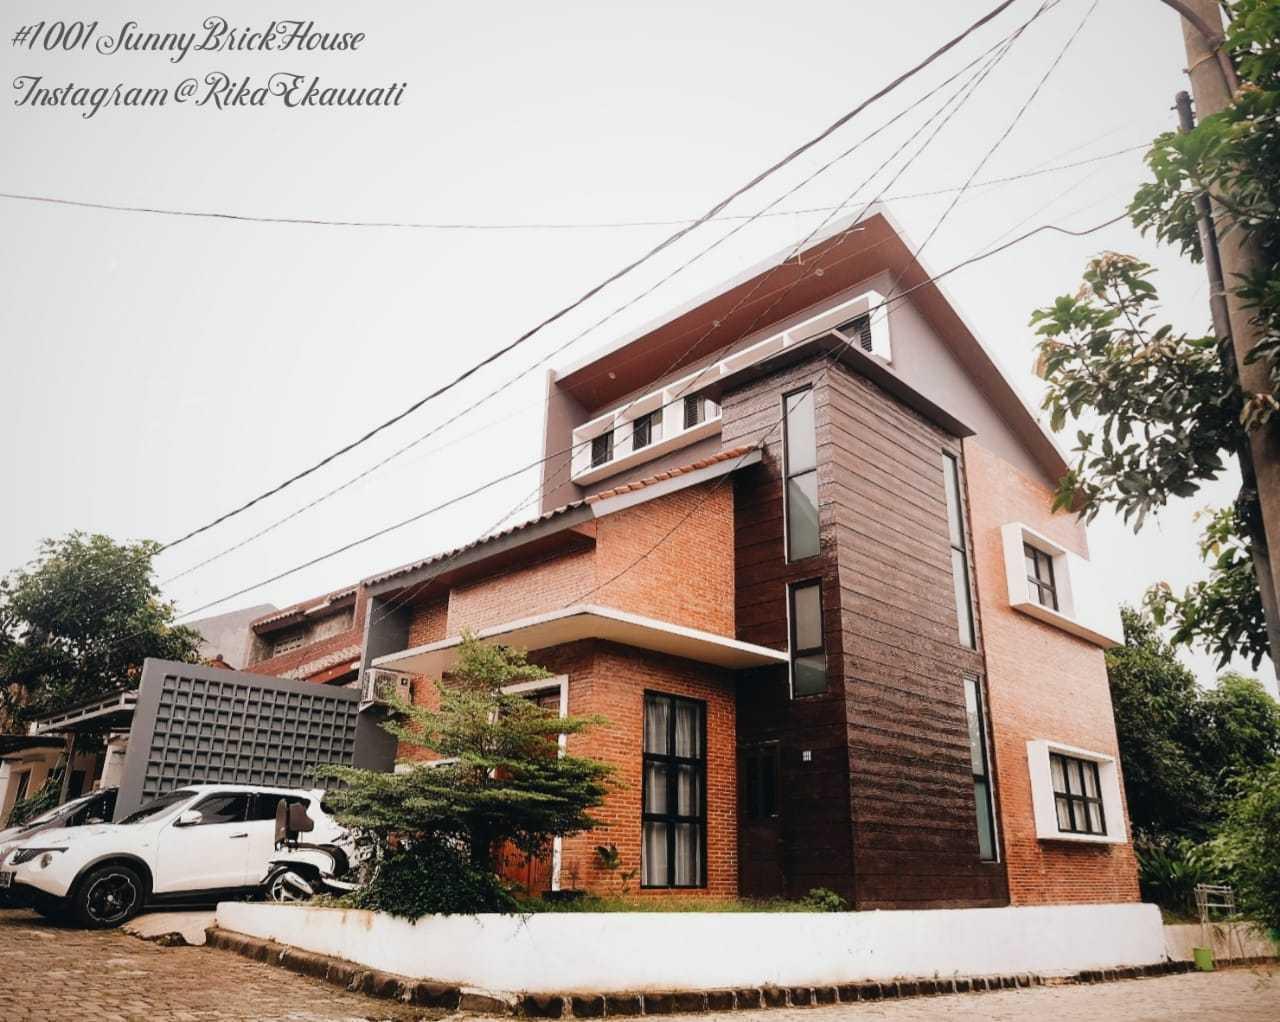 Nan '9Design Rk House Depok, Kota Depok, Jawa Barat, Indonesia Depok, Kota Depok, Jawa Barat, Indonesia Nan-9Design-Rk-House   71830